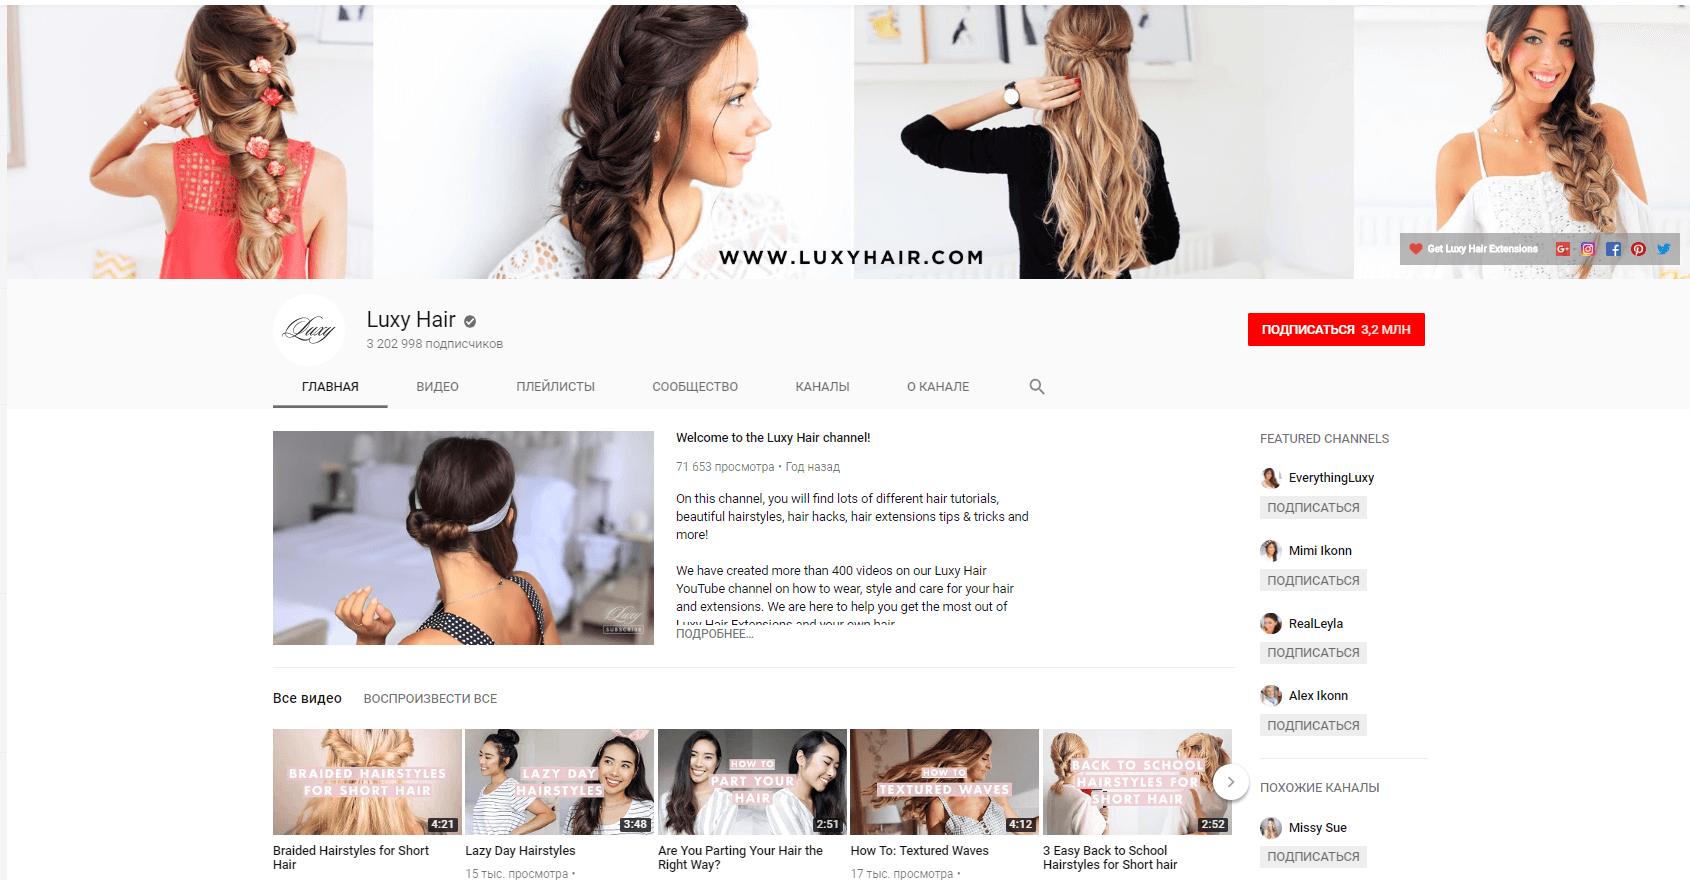 Youtube-канал интернет-магазина для привлечения клиентов